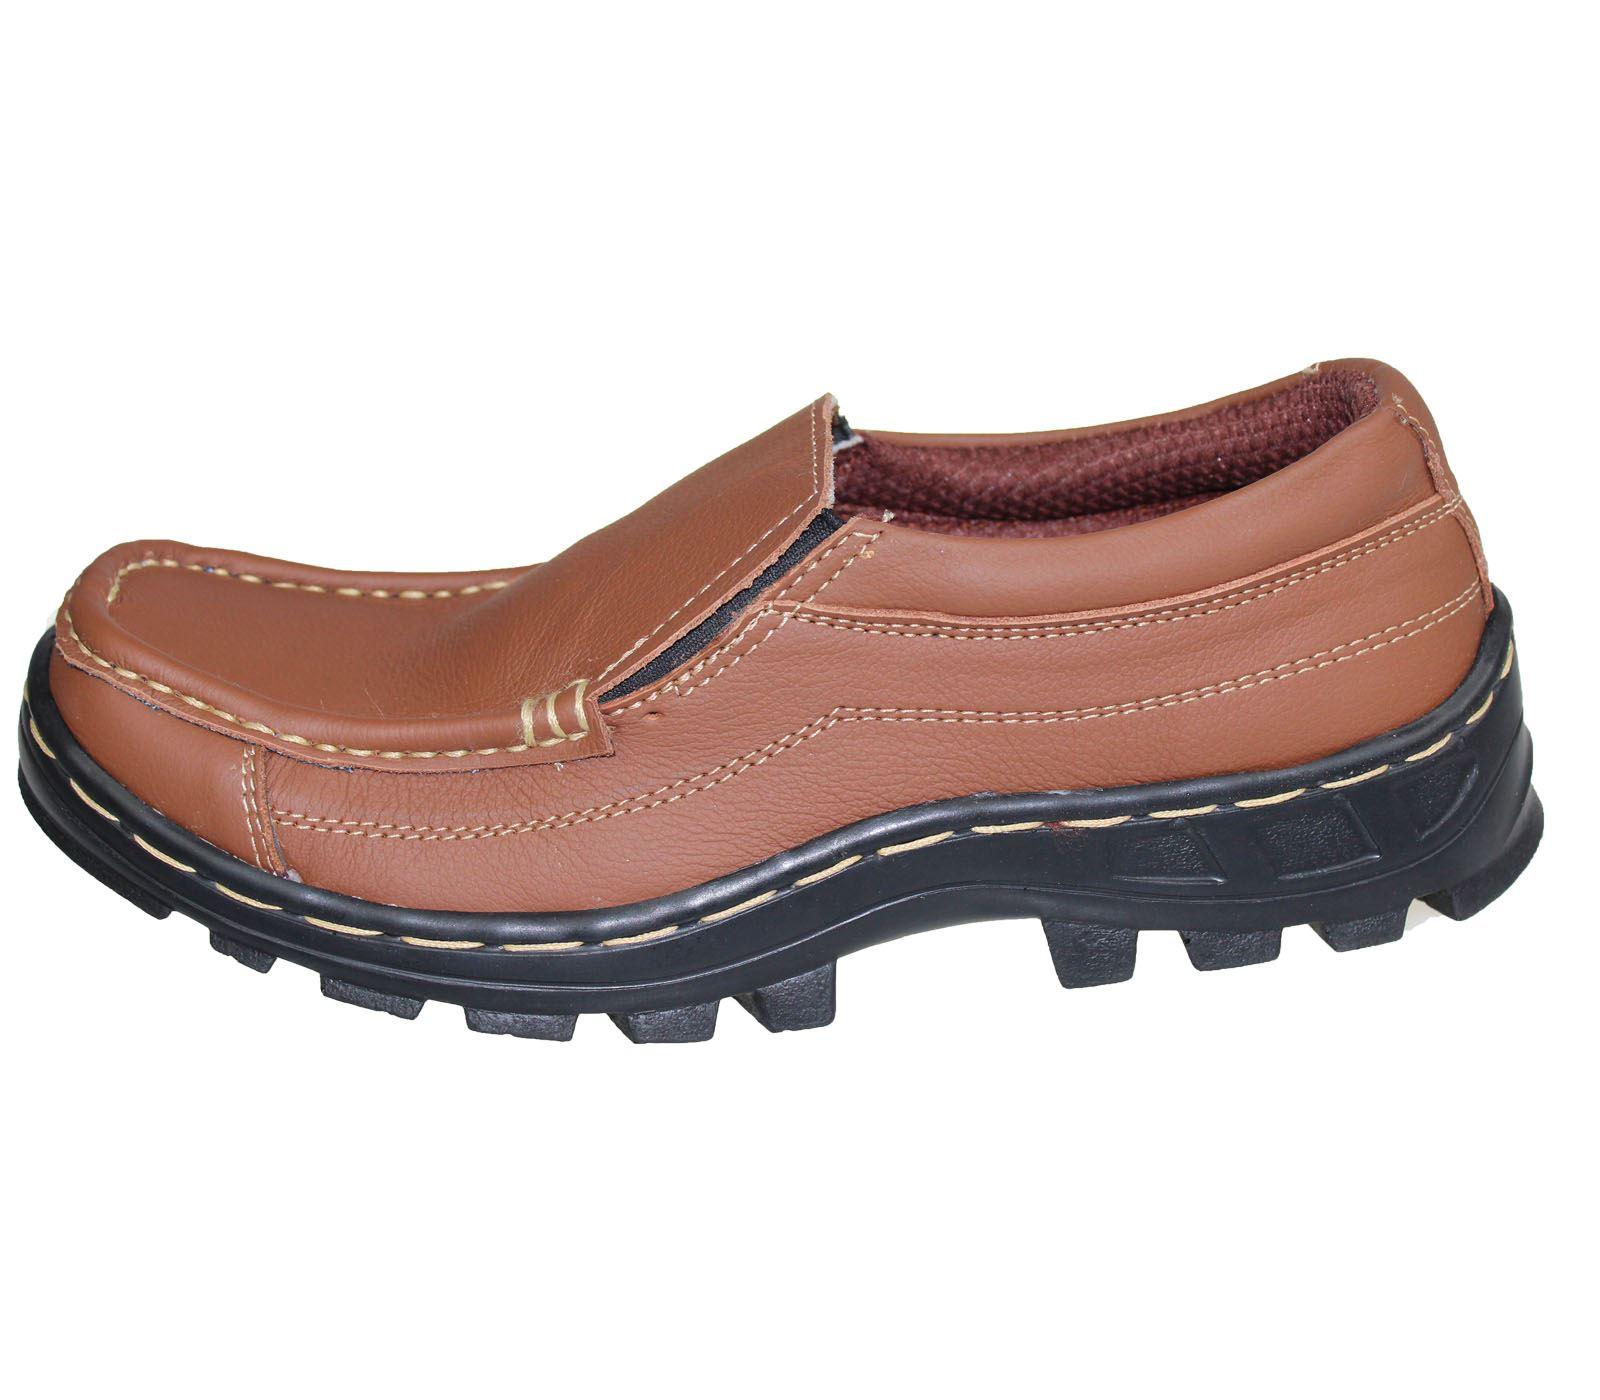 Para Hombre chicos leves confort de cuero Botas Casual Plana Slipon senderismo Zapatos Para Caminar Nuevo